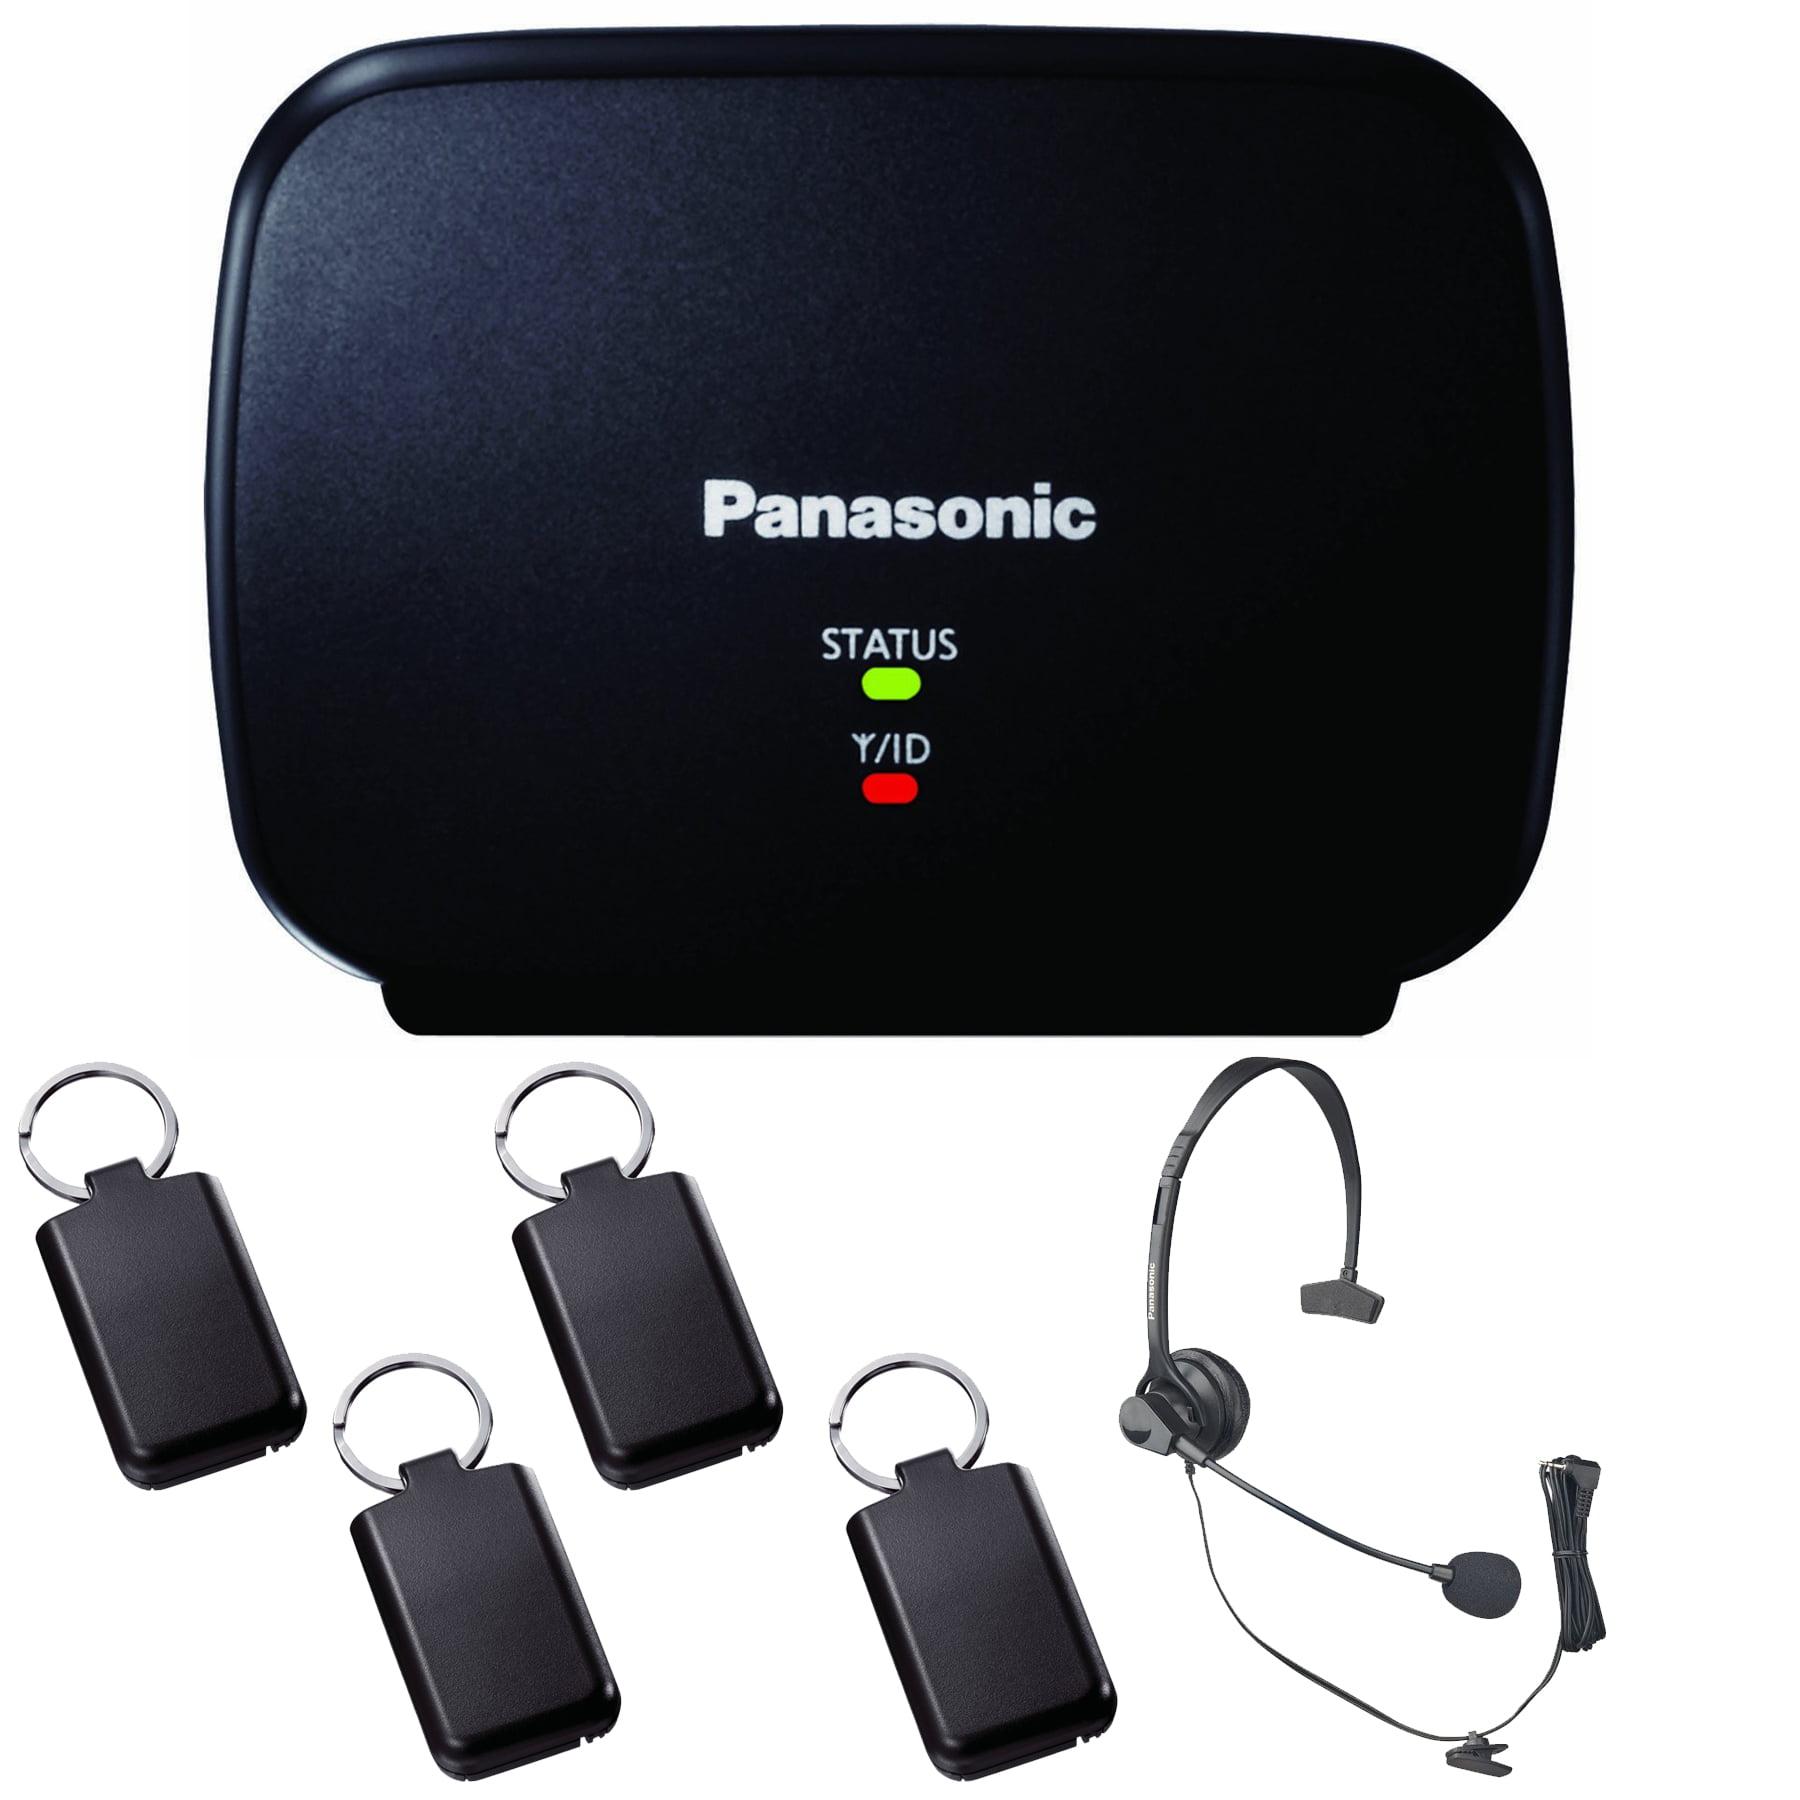 Panasonic KX-TGA405B Range Extender for DECT 6.0 Plus Cor...